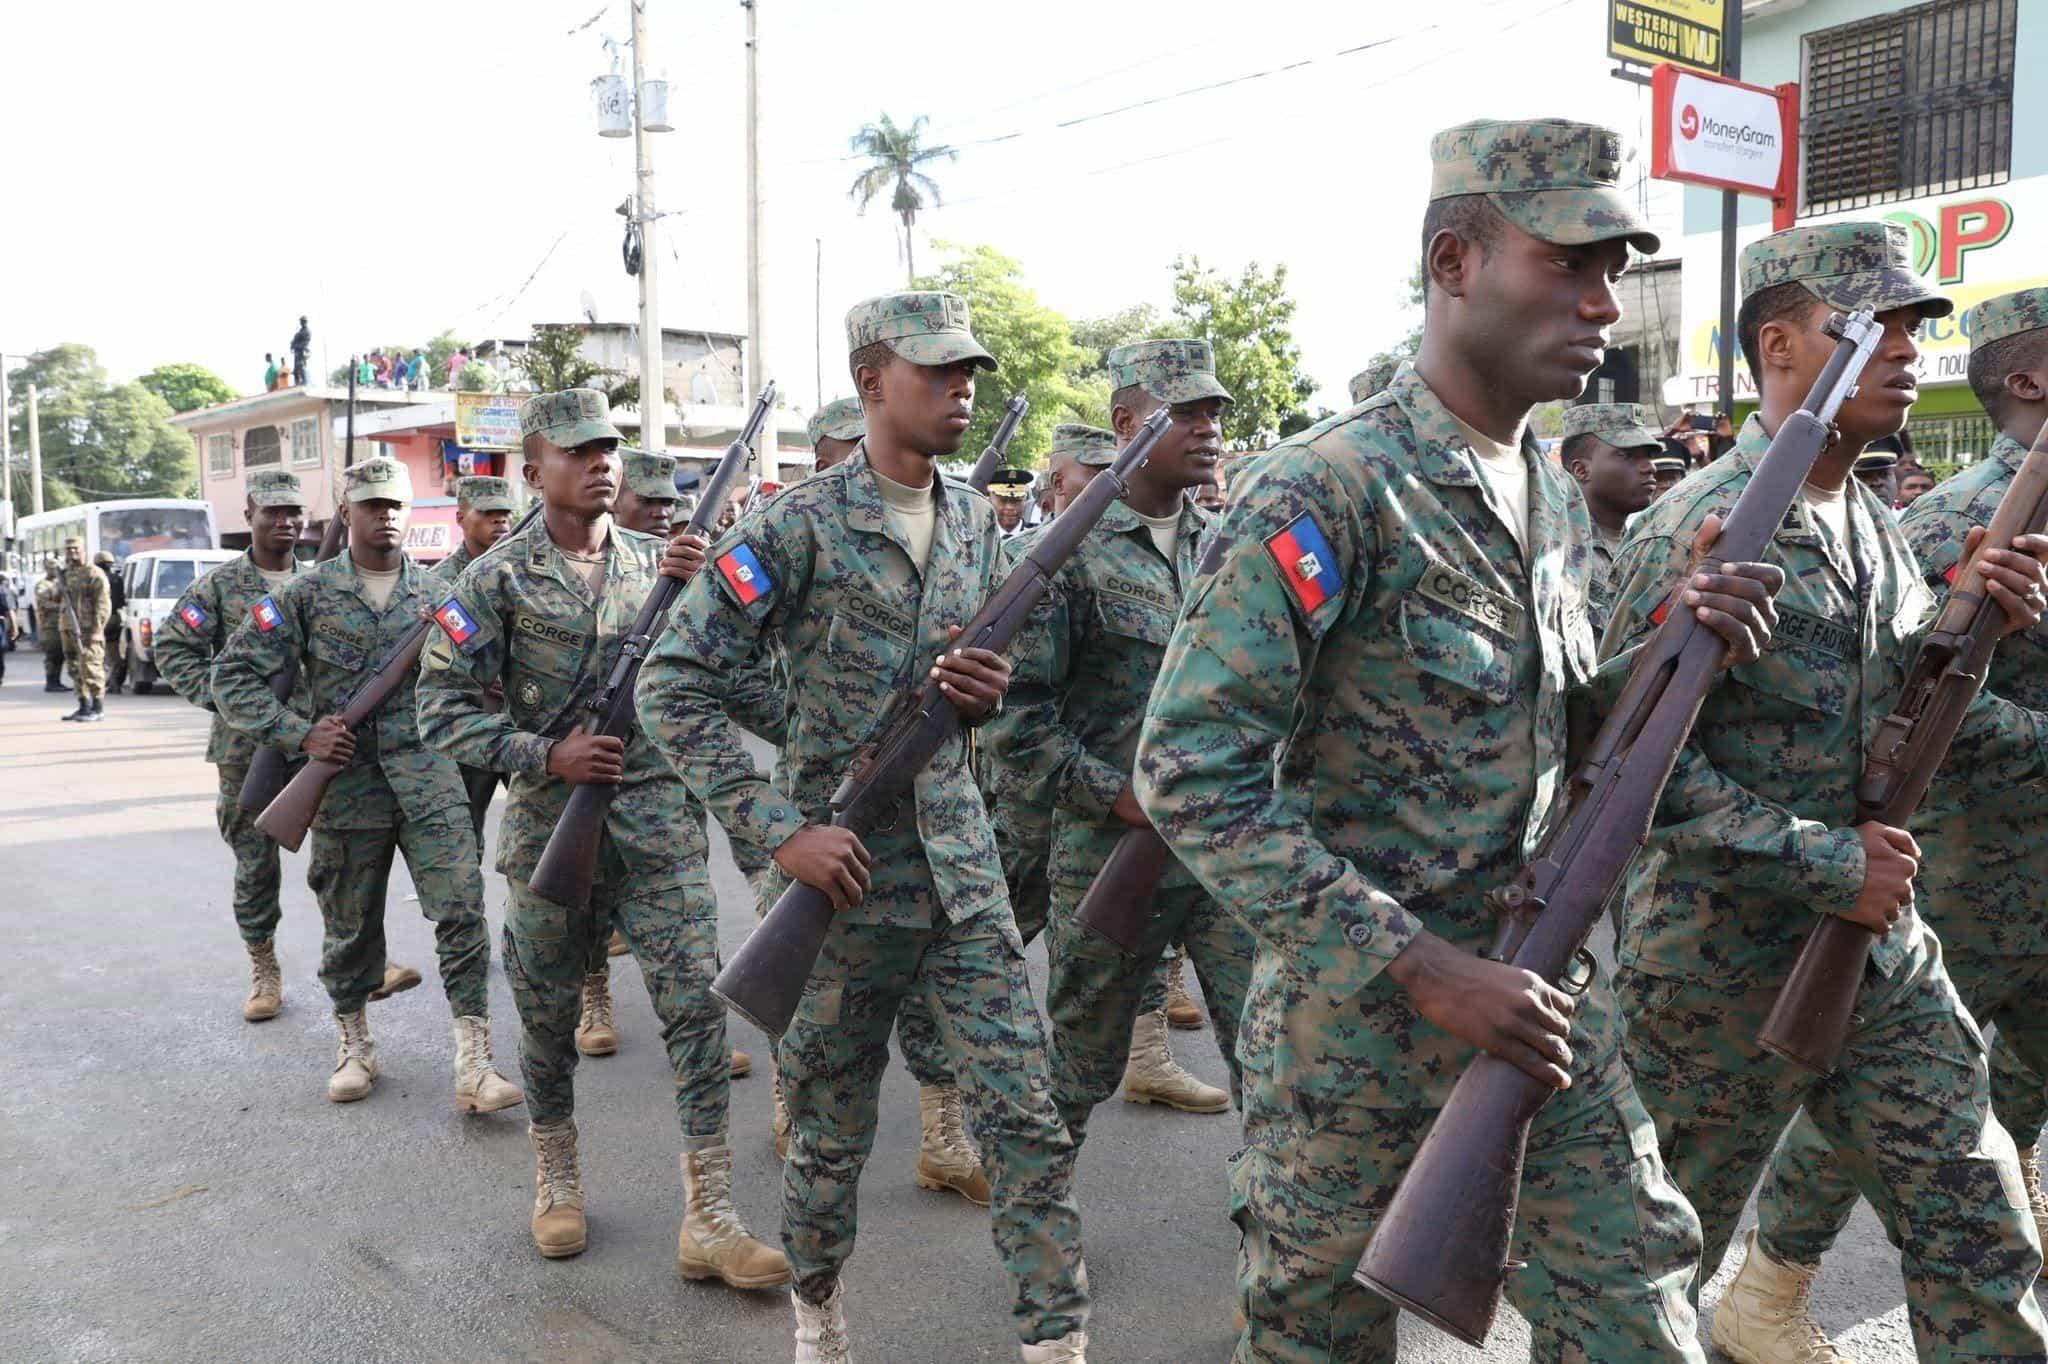 Relancement de l'armée d'Haiti : les photos de l'événement. Les photos sont de Benjy Oricia et de Nelson Deshommes